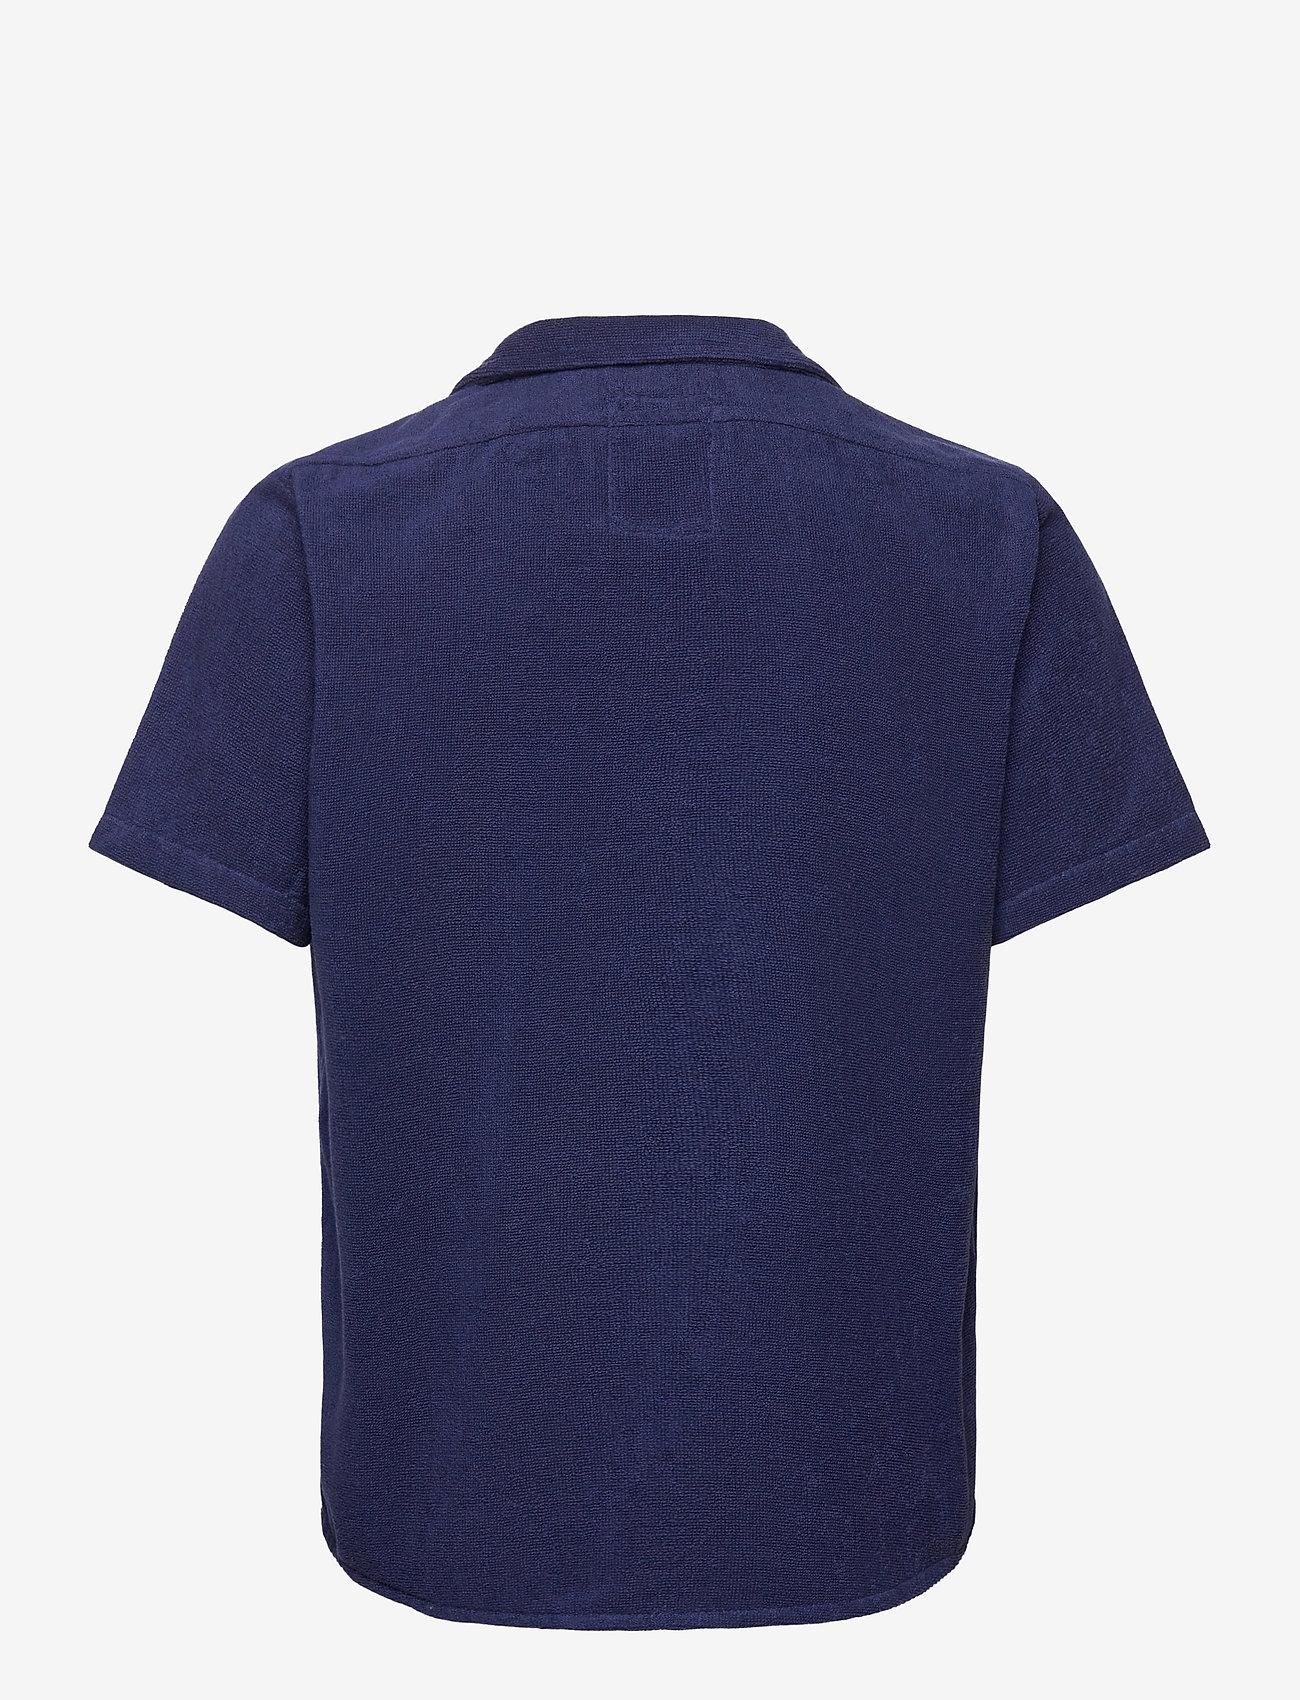 OAS - Navy Cuba Terry Shirt - overhemden korte mouwen - blue - 1